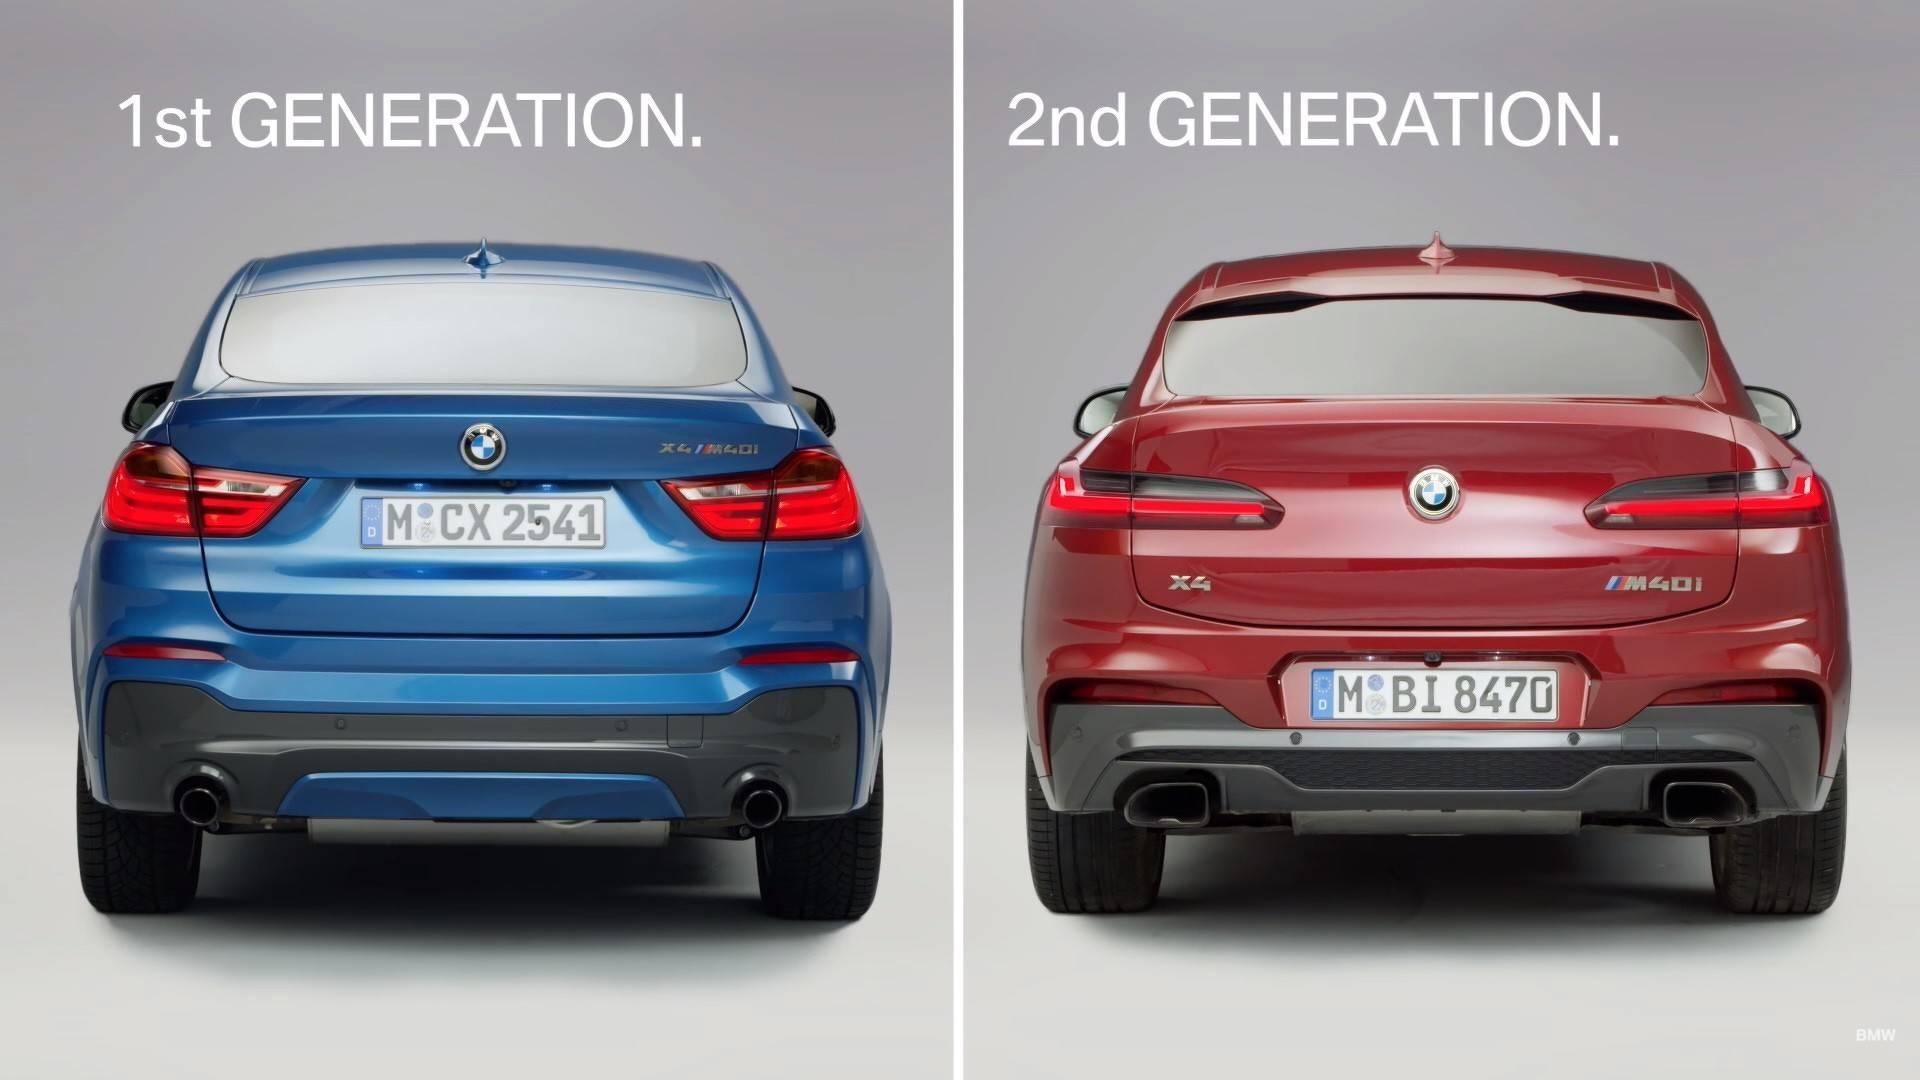 5aae12b649dd4 first gen bmw x4 vs second gen bmw x4 بی ام و x4 مدل ۲۰۱۹ رونمایی شد   اجاره ماشین